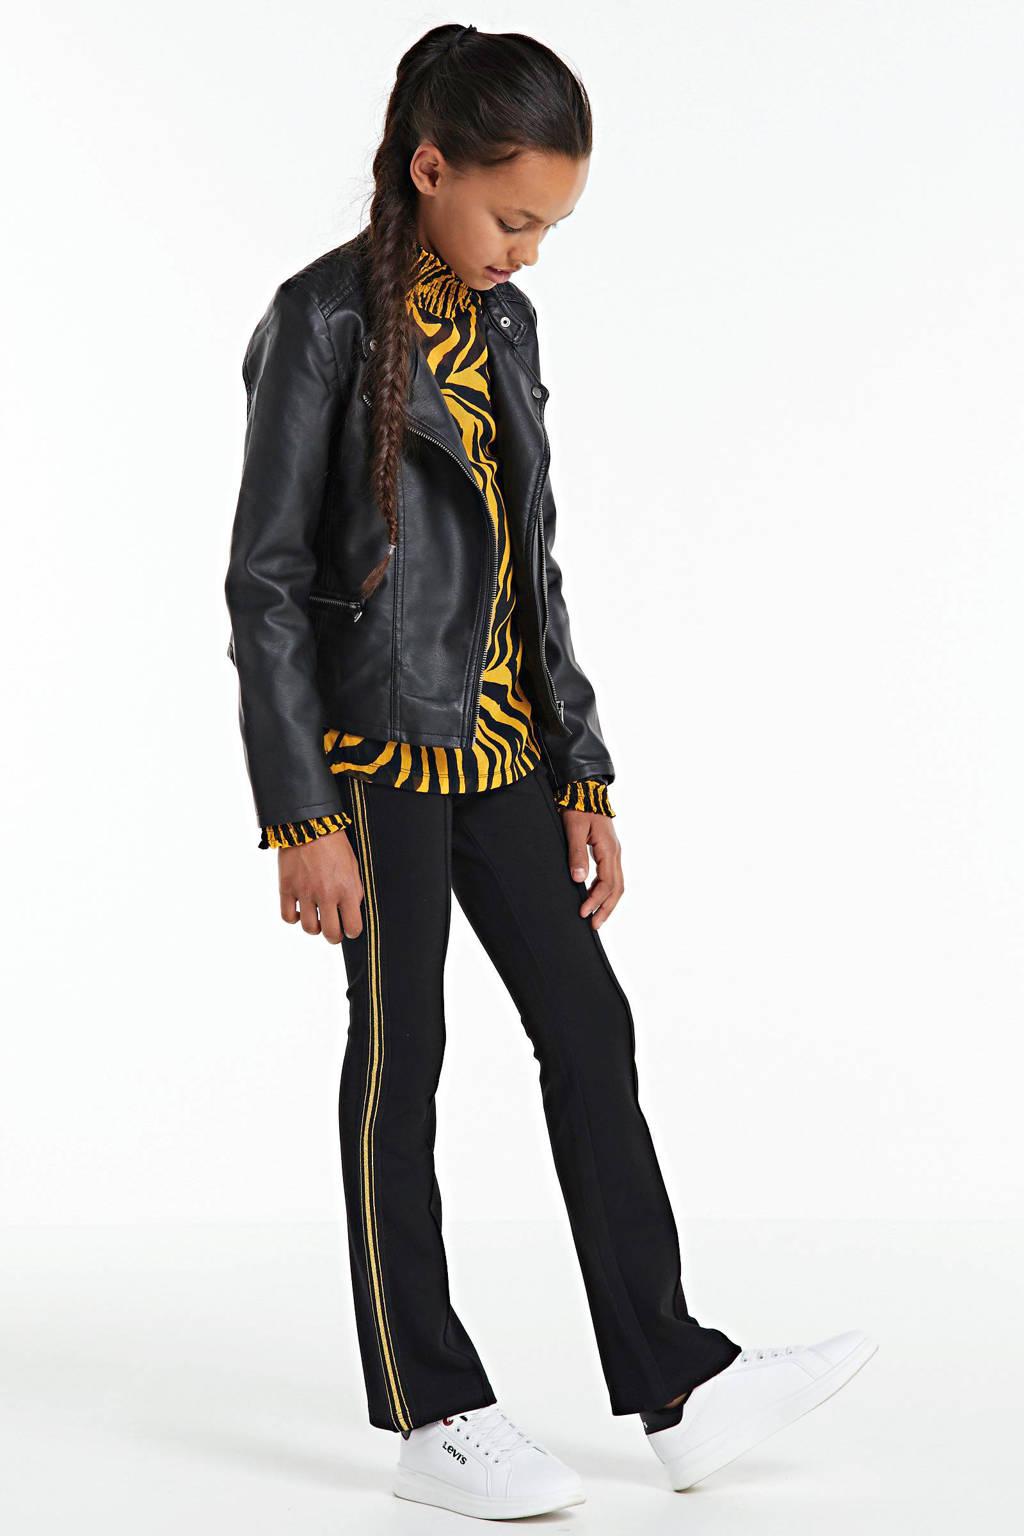 Retour Denim flared broek Lini met zijstreep zwart/goud, Zwart/goud